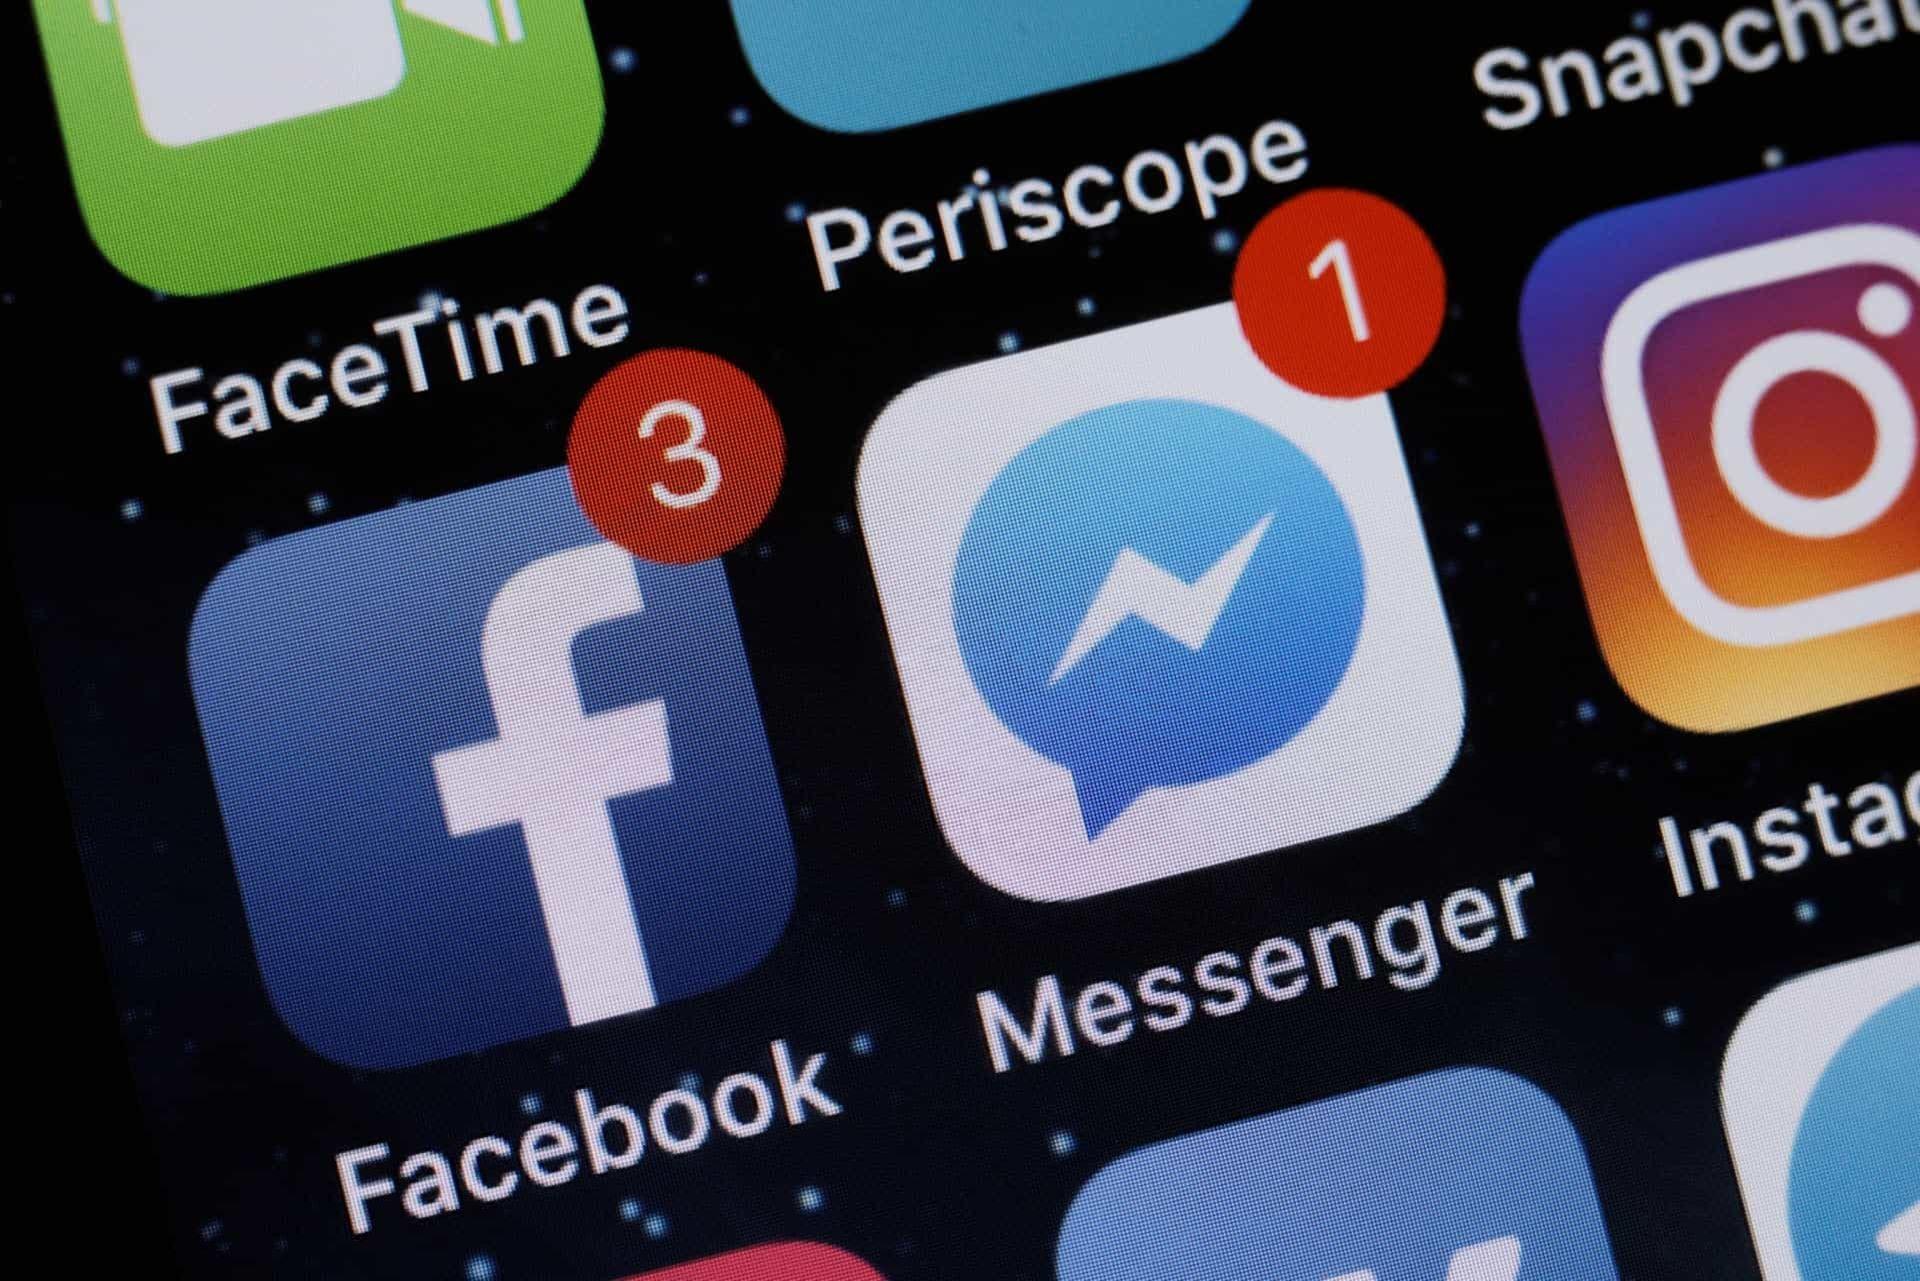 Пользователи Facebook Messenger ощутили технические сбои